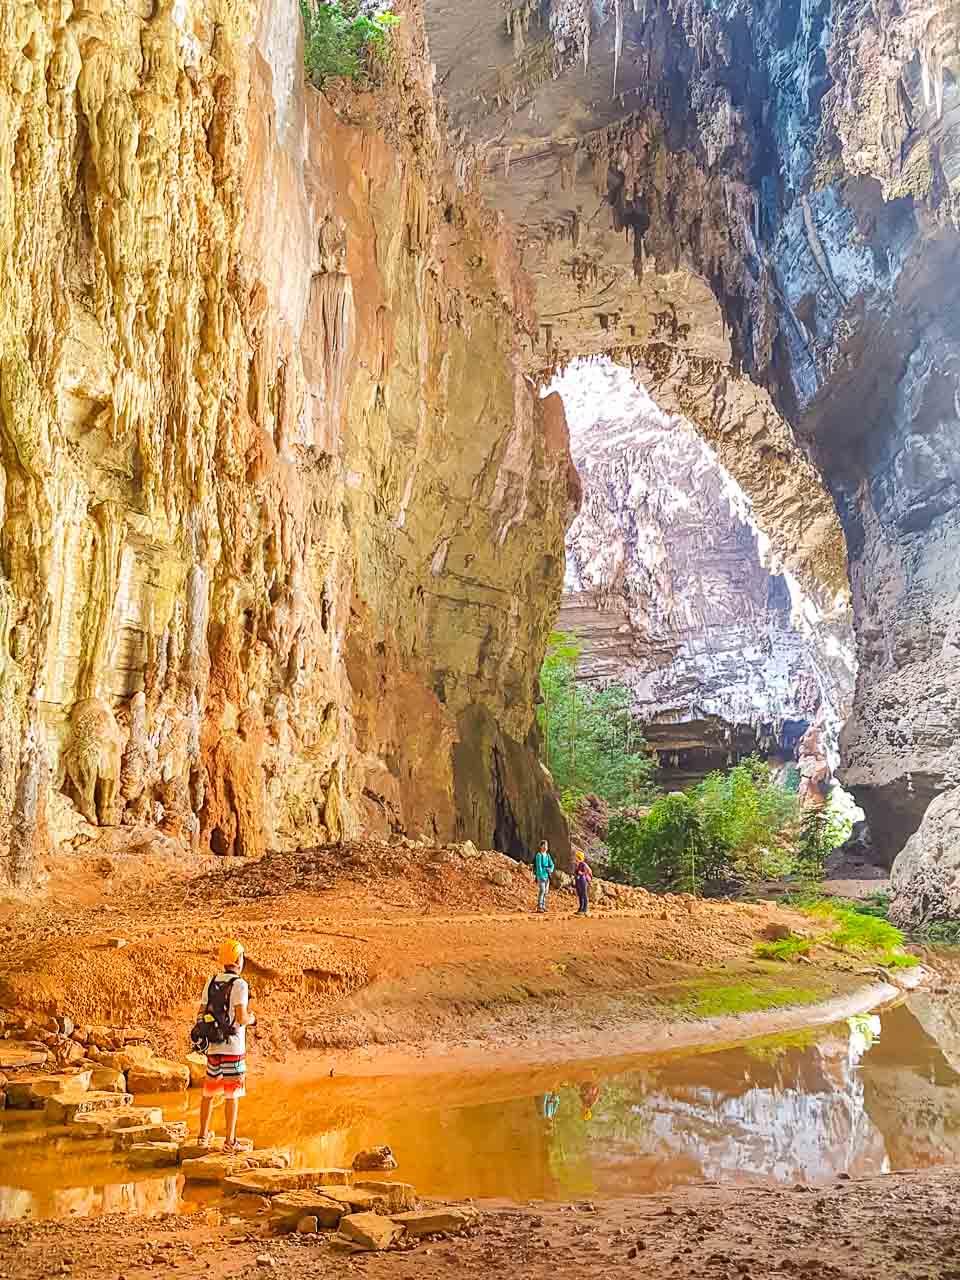 Toda a imensidão da Gruta do Janelão, no Parque Nacional Cavernas do Peruaçu. Foto do querido amigo Fábio Pastorello, do blog viagenscinematograficas.com.br